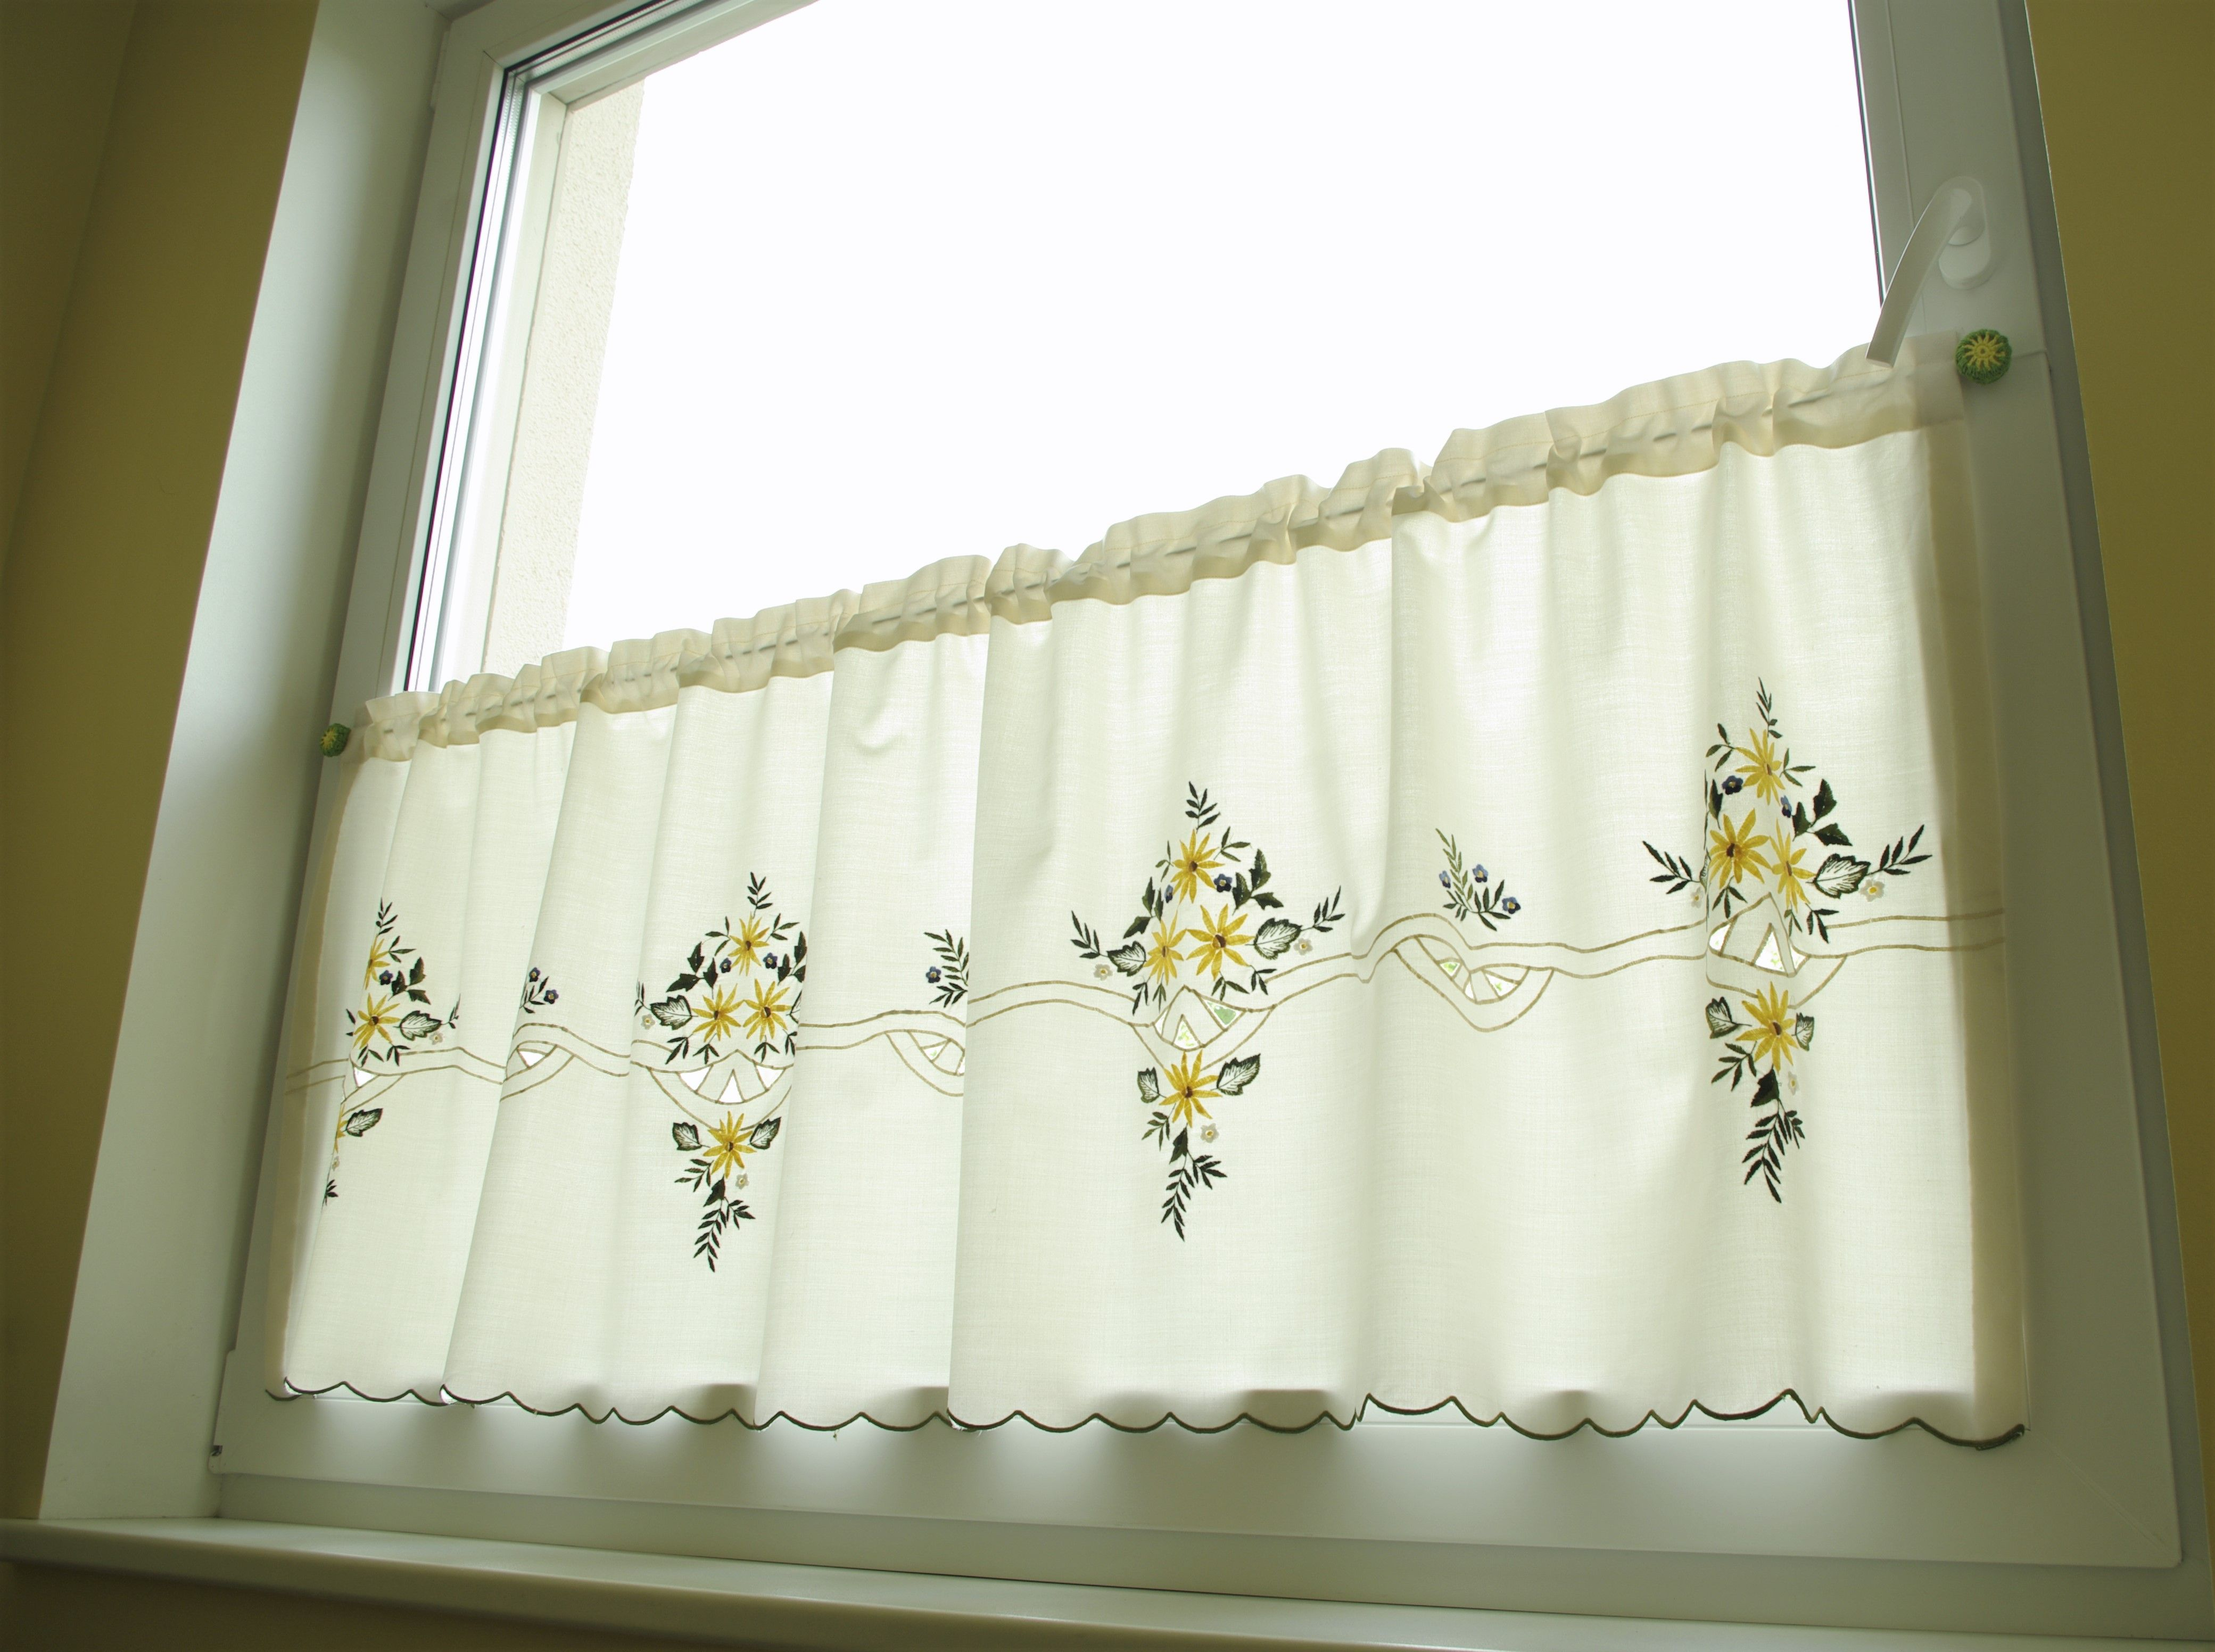 4gardine gardinenstange ohne bohren wohnung pinterest gardinenstange ohne bohren. Black Bedroom Furniture Sets. Home Design Ideas